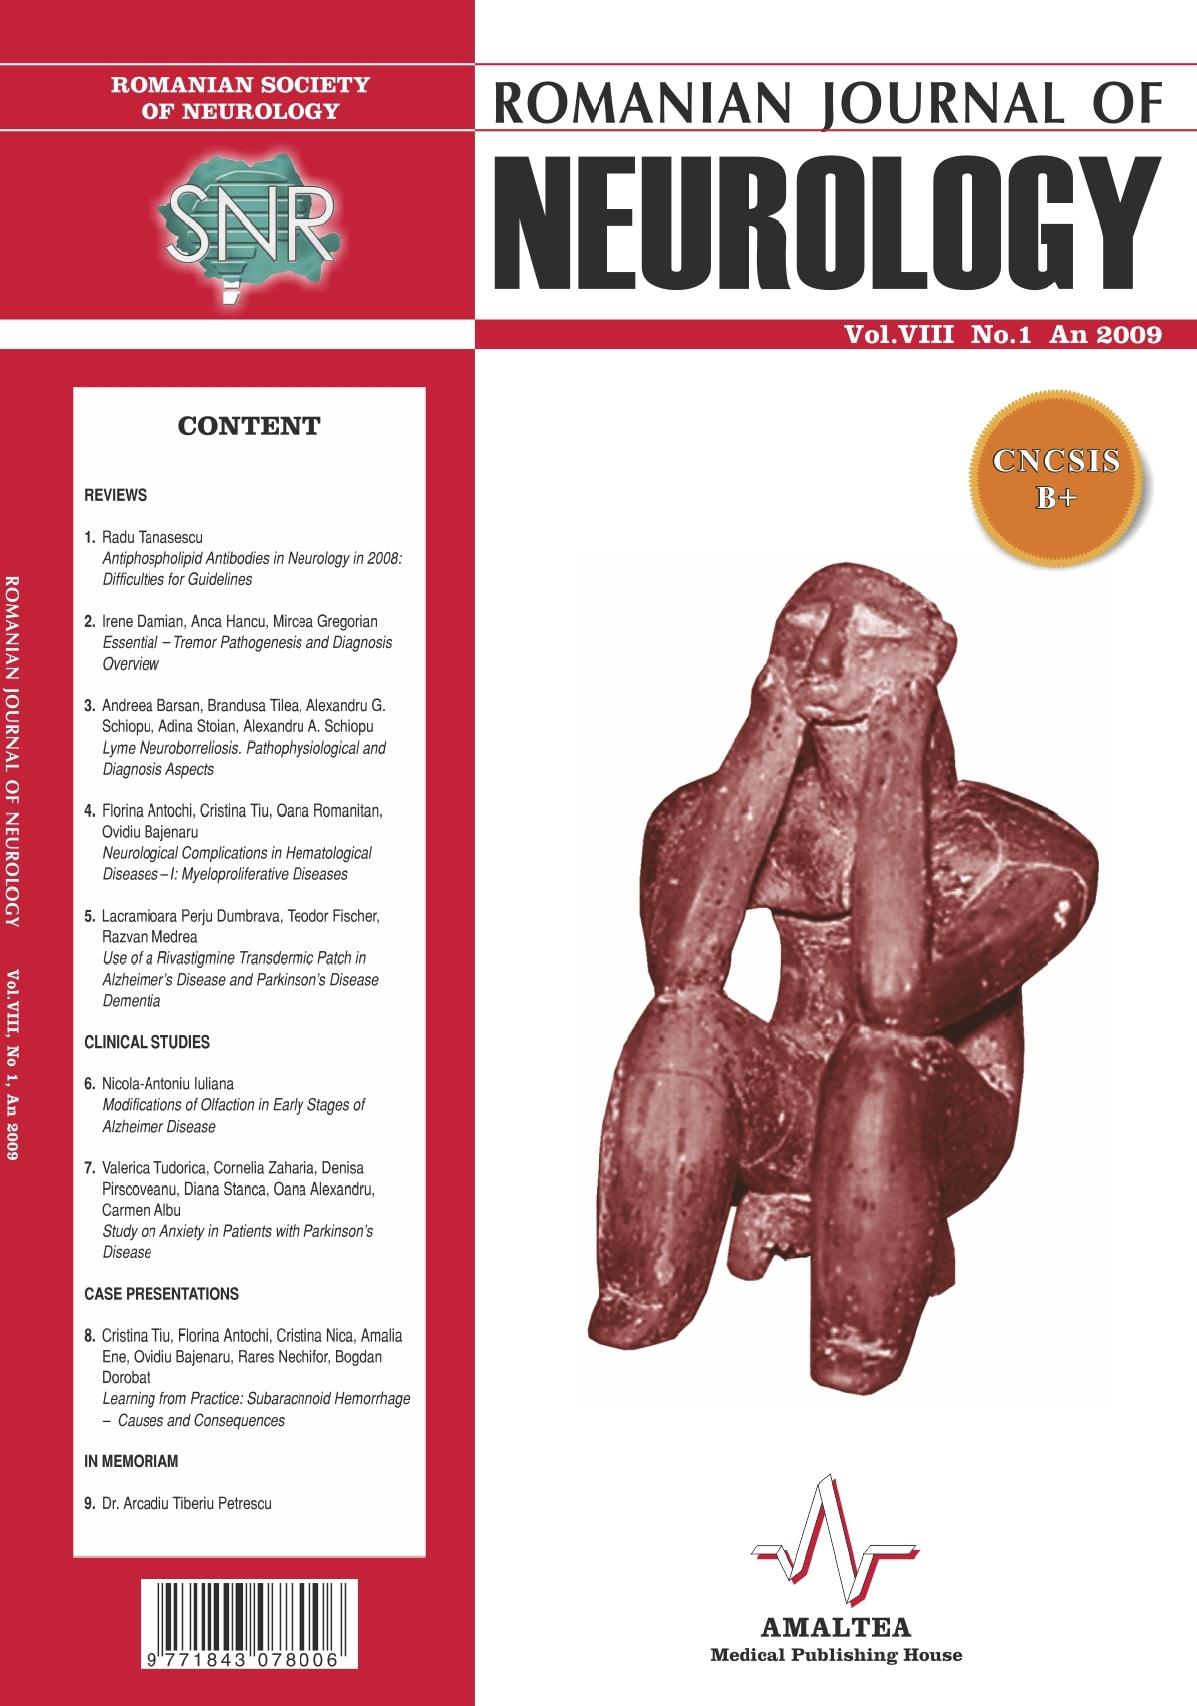 Romanian Journal of Neurology, Volume VIII, No. 1, 2009